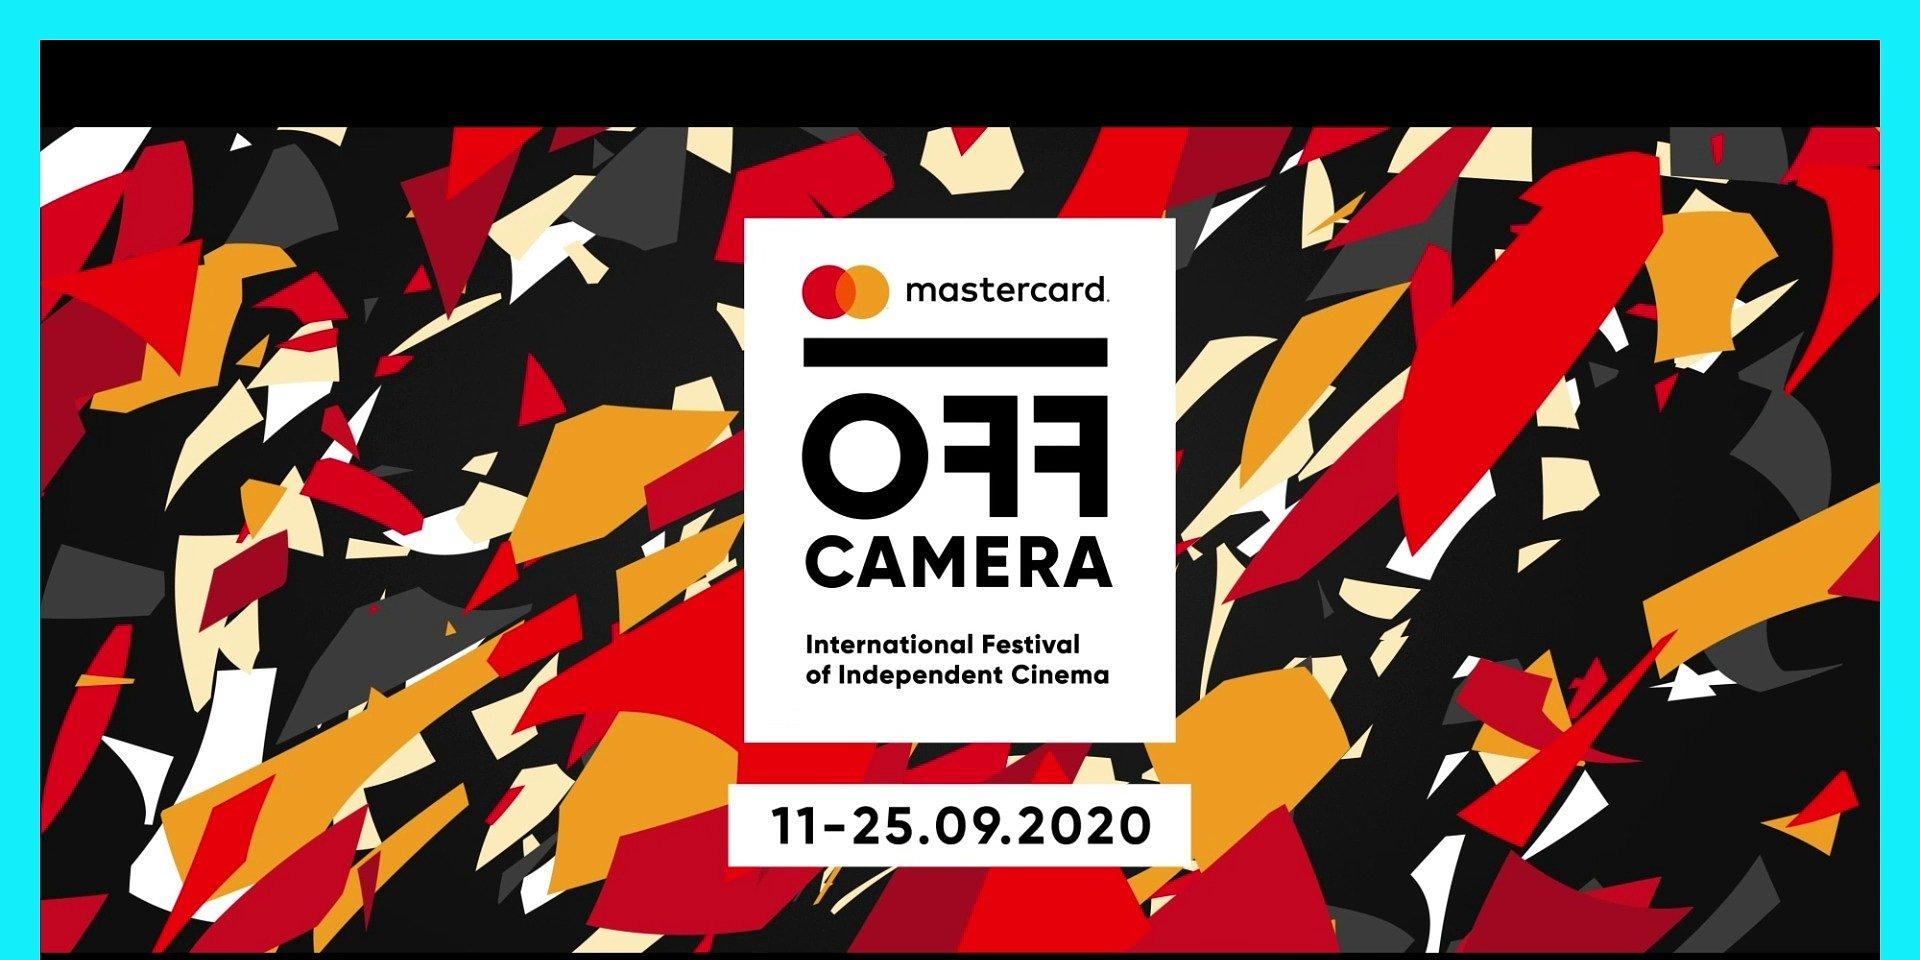 Wyjątkowo filmowy wrzesień w Playerze. Festiwal Mastercard OFF CAMERA w wersji on-line!